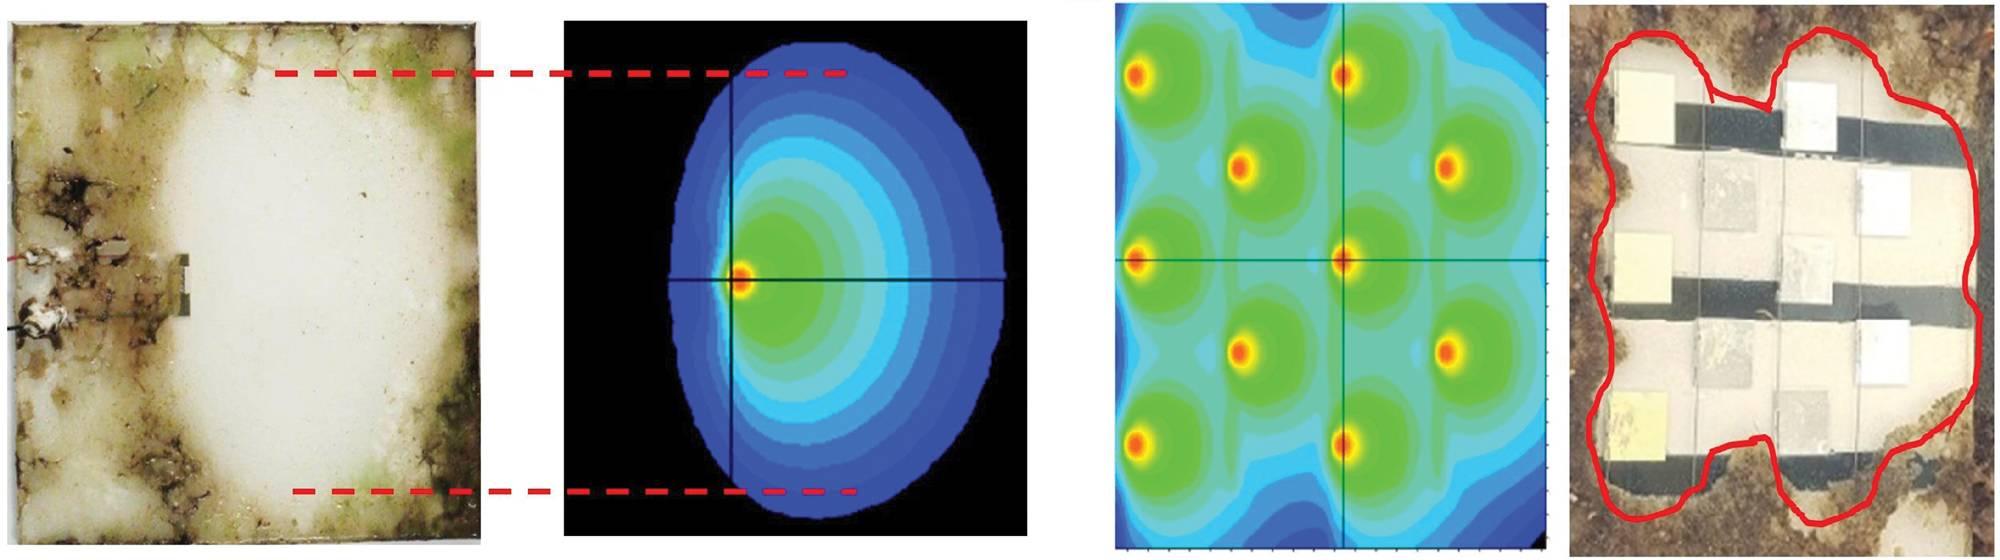 Σχήμα 3: Σύγκριση μοντέλων προσομοιώσεων ακτινοβολίας UV στην επιφάνεια με αντίστοιχες δοκιμές βιοσυσσώρευσης. Αριστερά για πλάκα σιλικόνης με ένα μόνο LED, δοκιμασμένο σε ενυδρείο. Δεξιά για ένα πλήρες πρότυπο πάνελ δοκιμασμένο σε θαλάσσια κατάσταση. Οι κόκκινες γραμμές επισημαίνουν θέσεις με επίπεδο ακτινοβολίας 0,3mW / m2 που προβλέπεται από προσομοίωση.